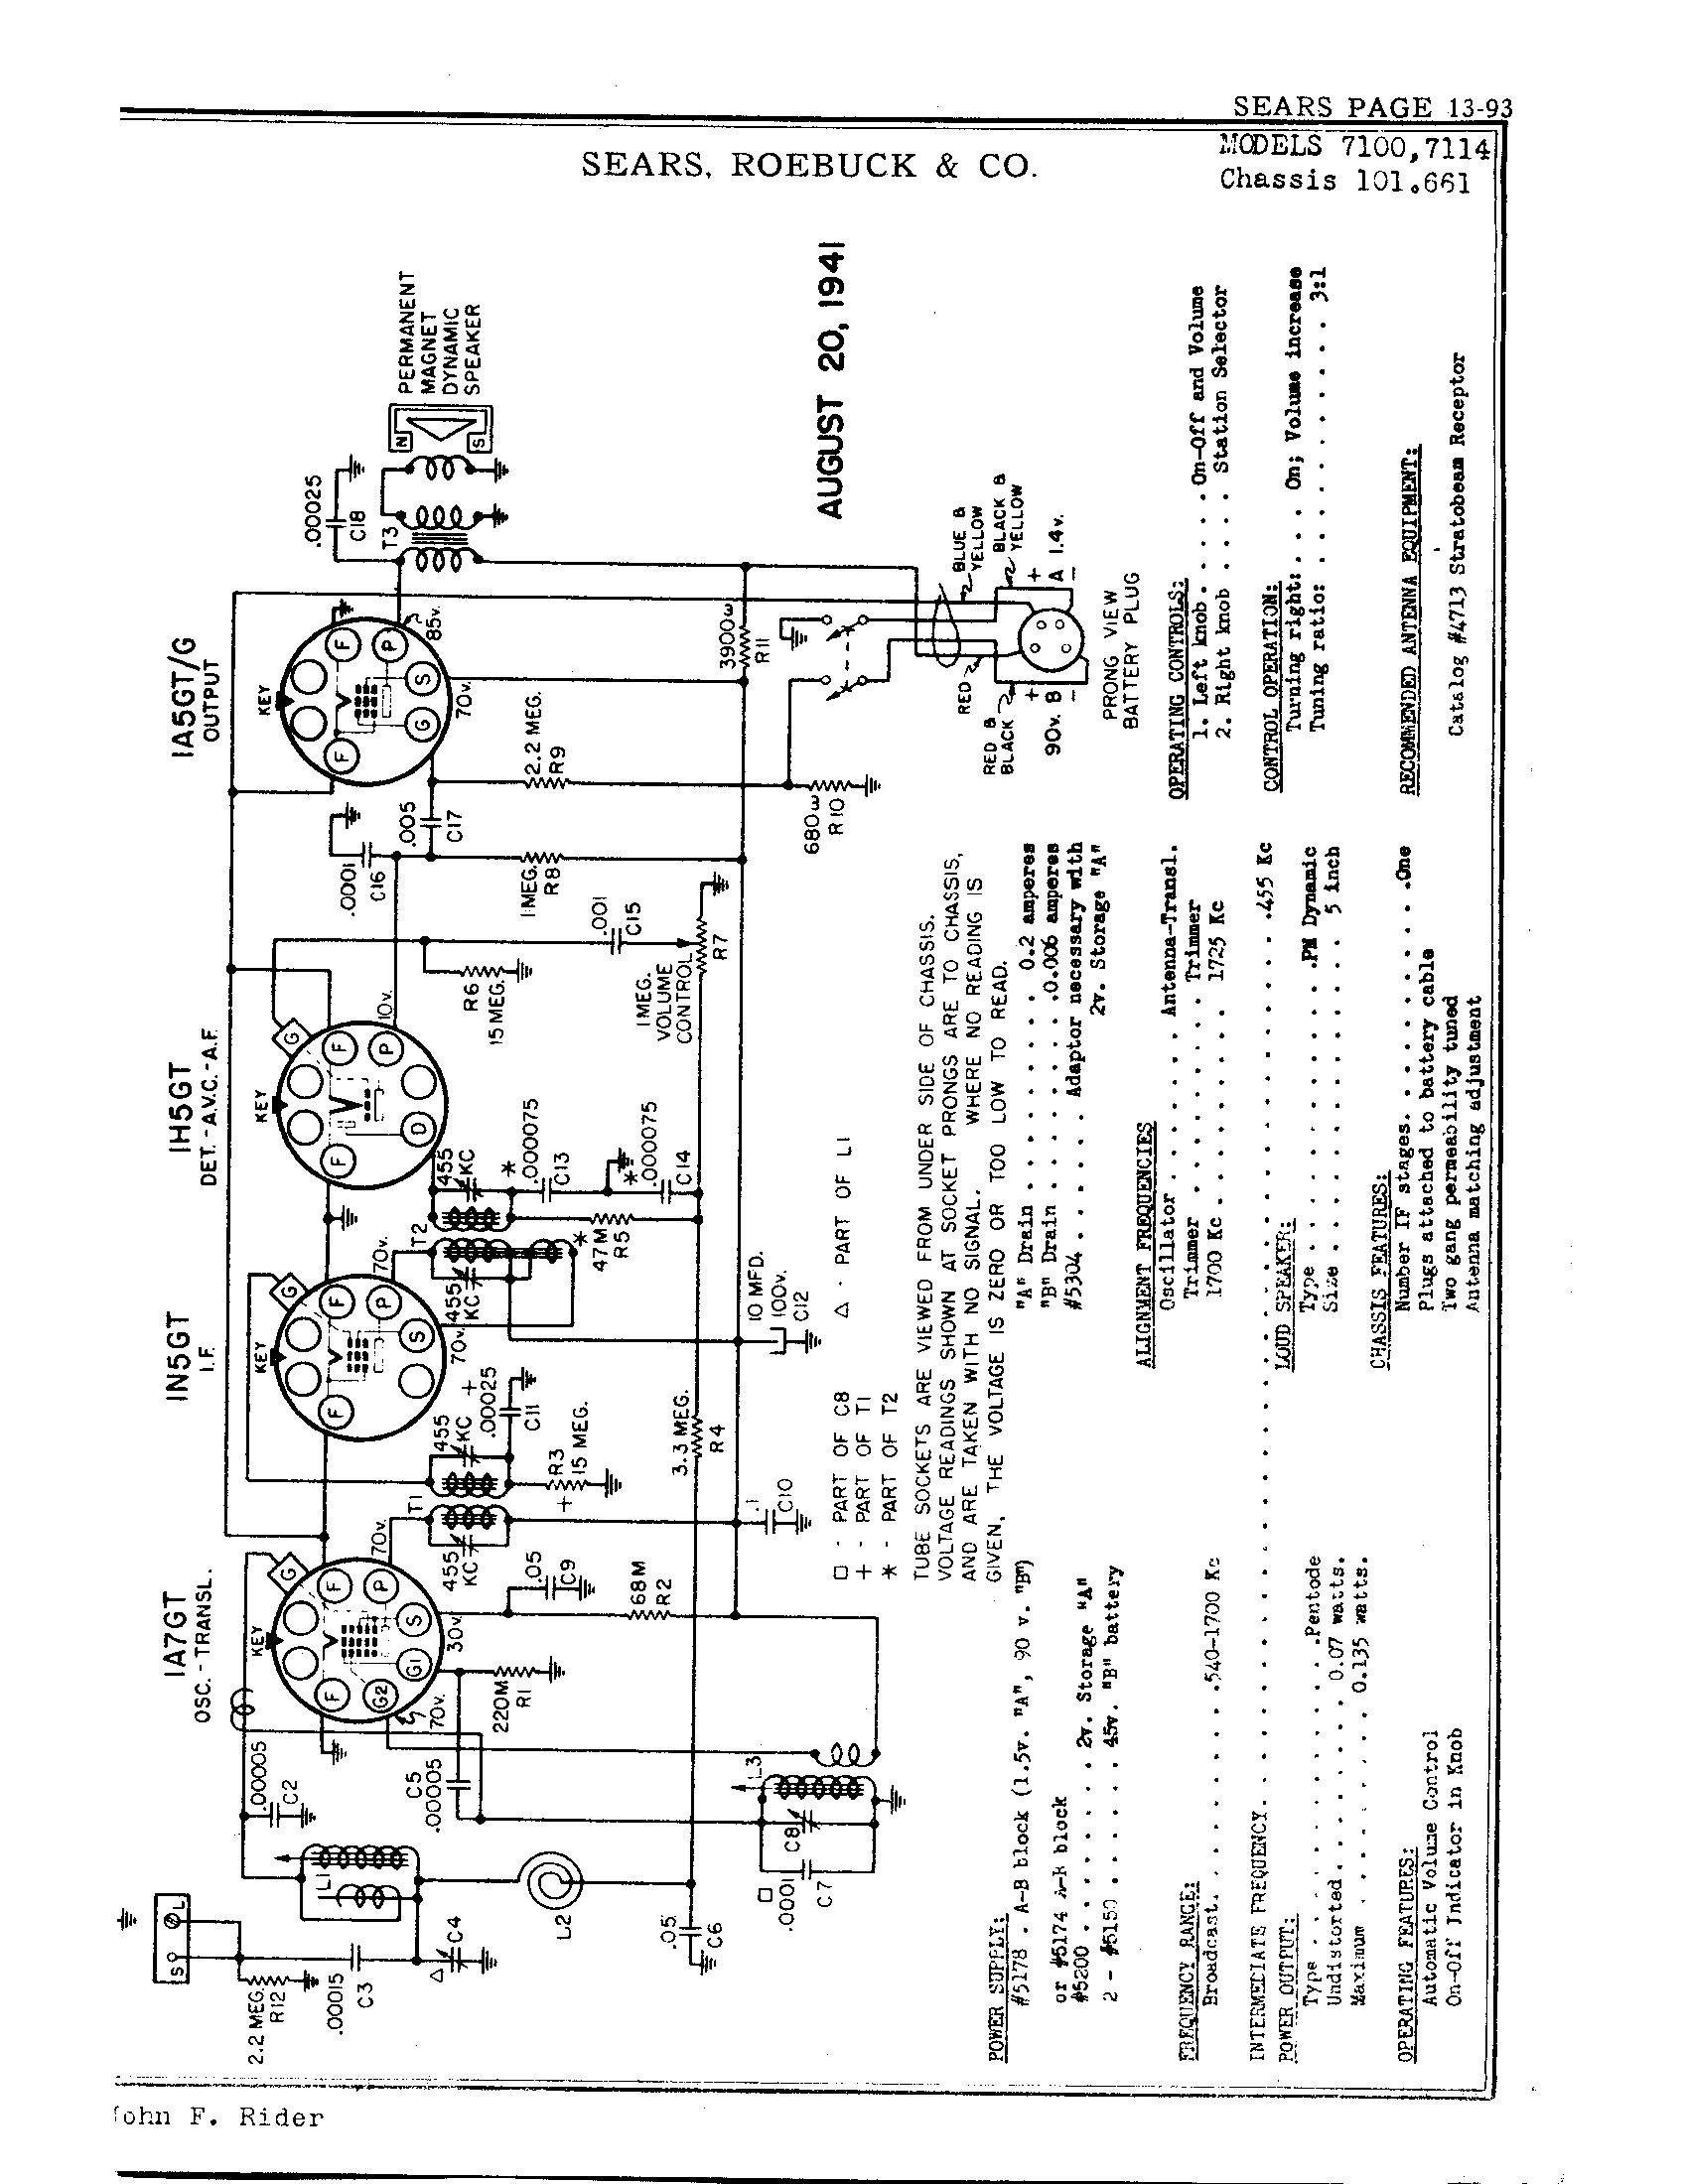 Sear 600 Furnace Wiring Diagram Model